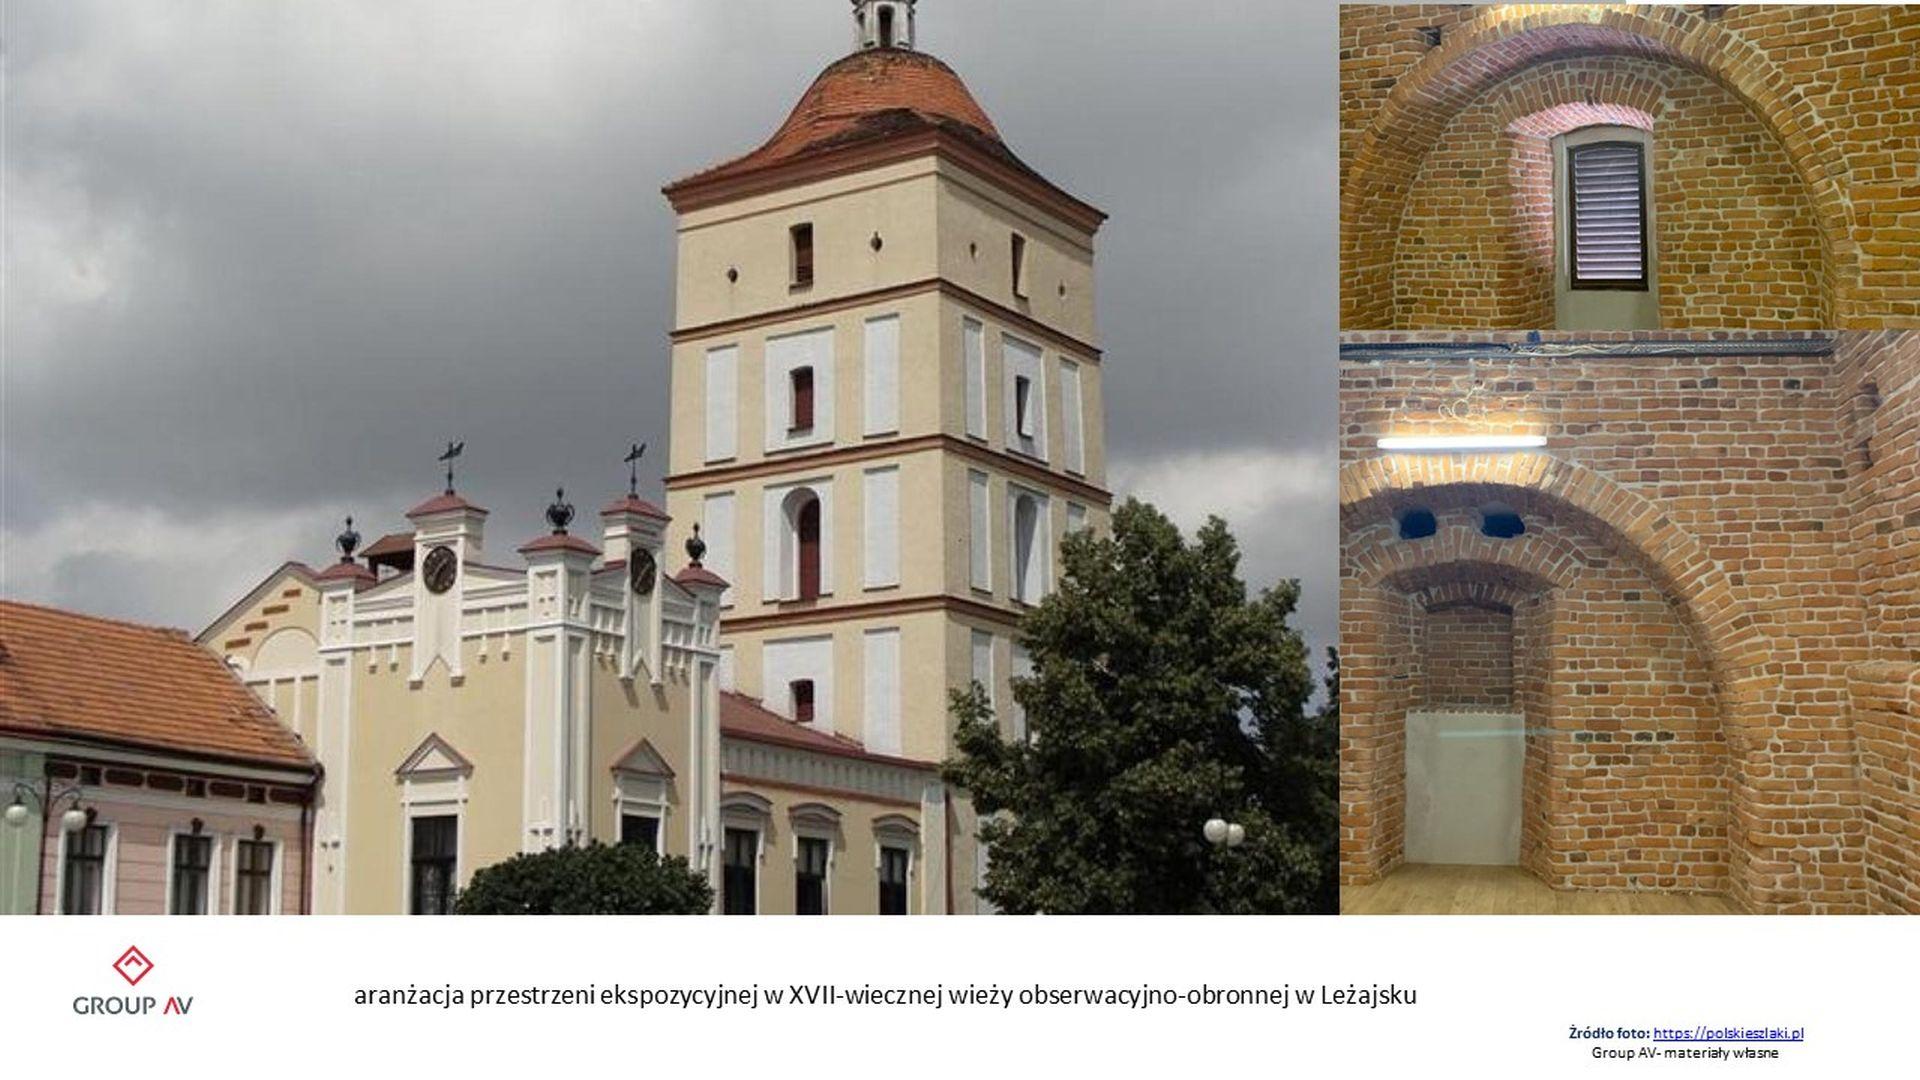 Podpisanie umowy z Gminą Miasto Leżajsk na wykonanie produkcji filmowej oraz aranżacji przestrzeni ekspozycyjnej w XVII-wiecznej wieży obserwacyjno-obronnej.